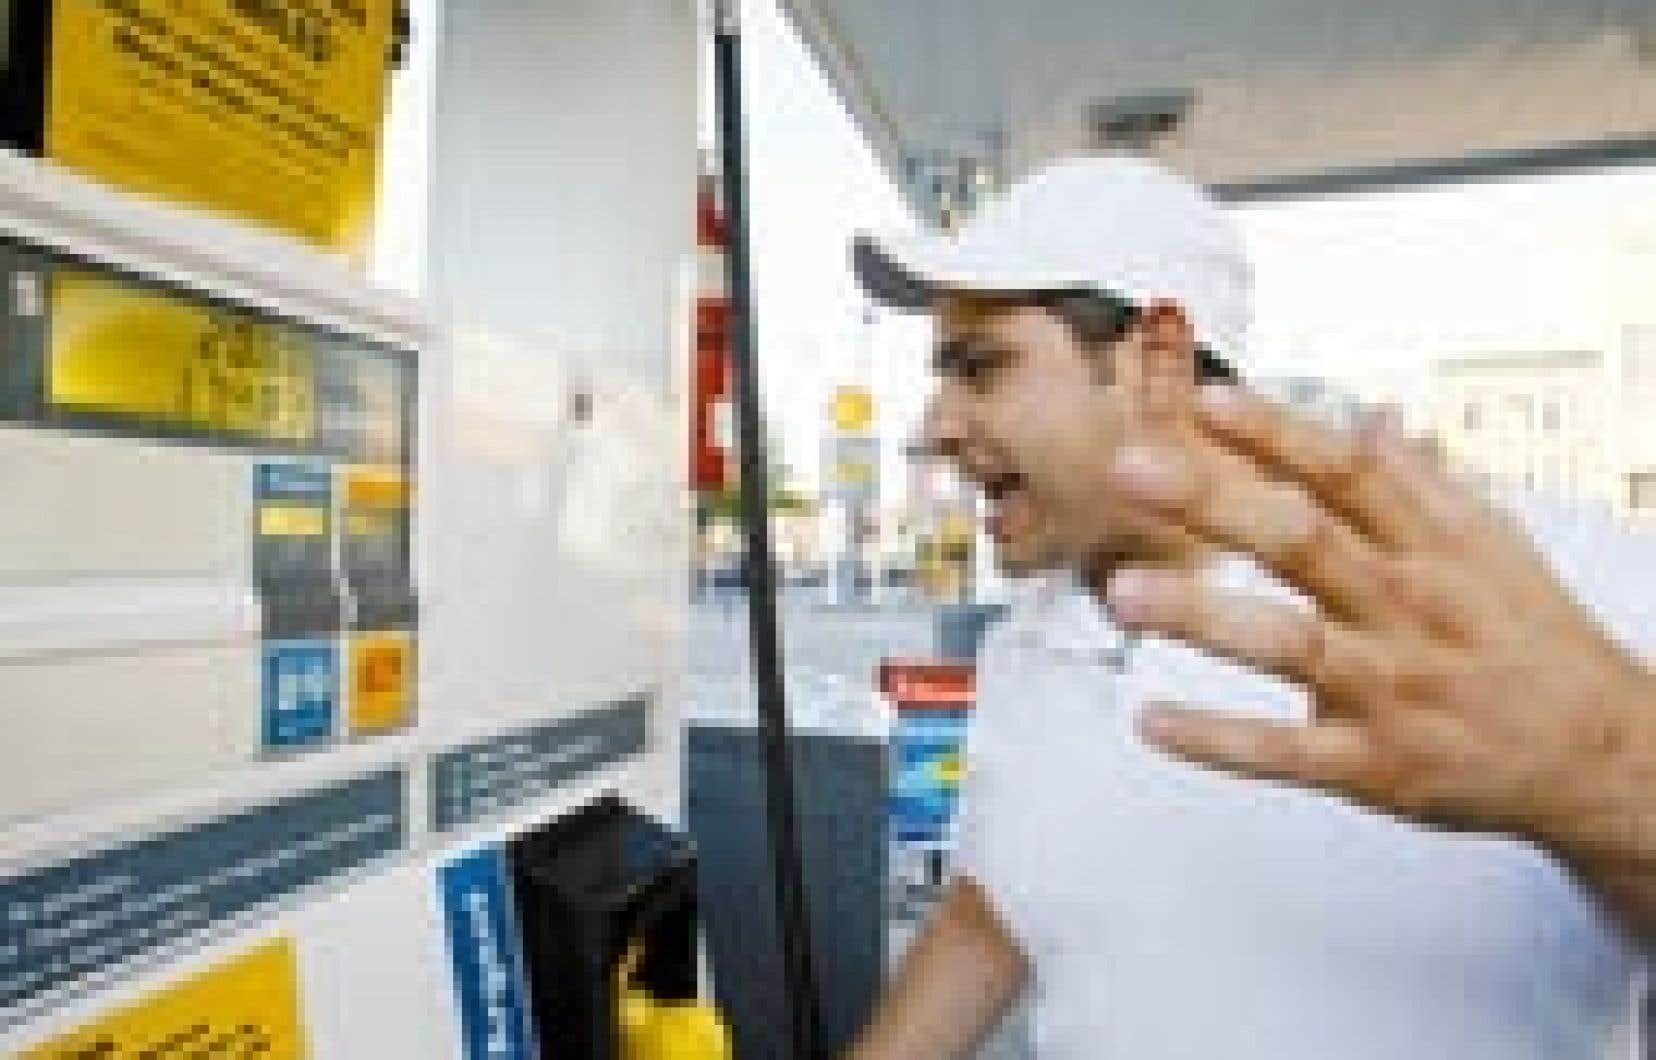 Exaspéré de voir le prix à la pompe augmenter de jour en jour? Hier, le CAA a conseillé aux automobilistes rien de moins que l'abstention «en attendant que les prix se stabilisent» ou, au pire, de «rationaliser» l'usage de leur véhicule.